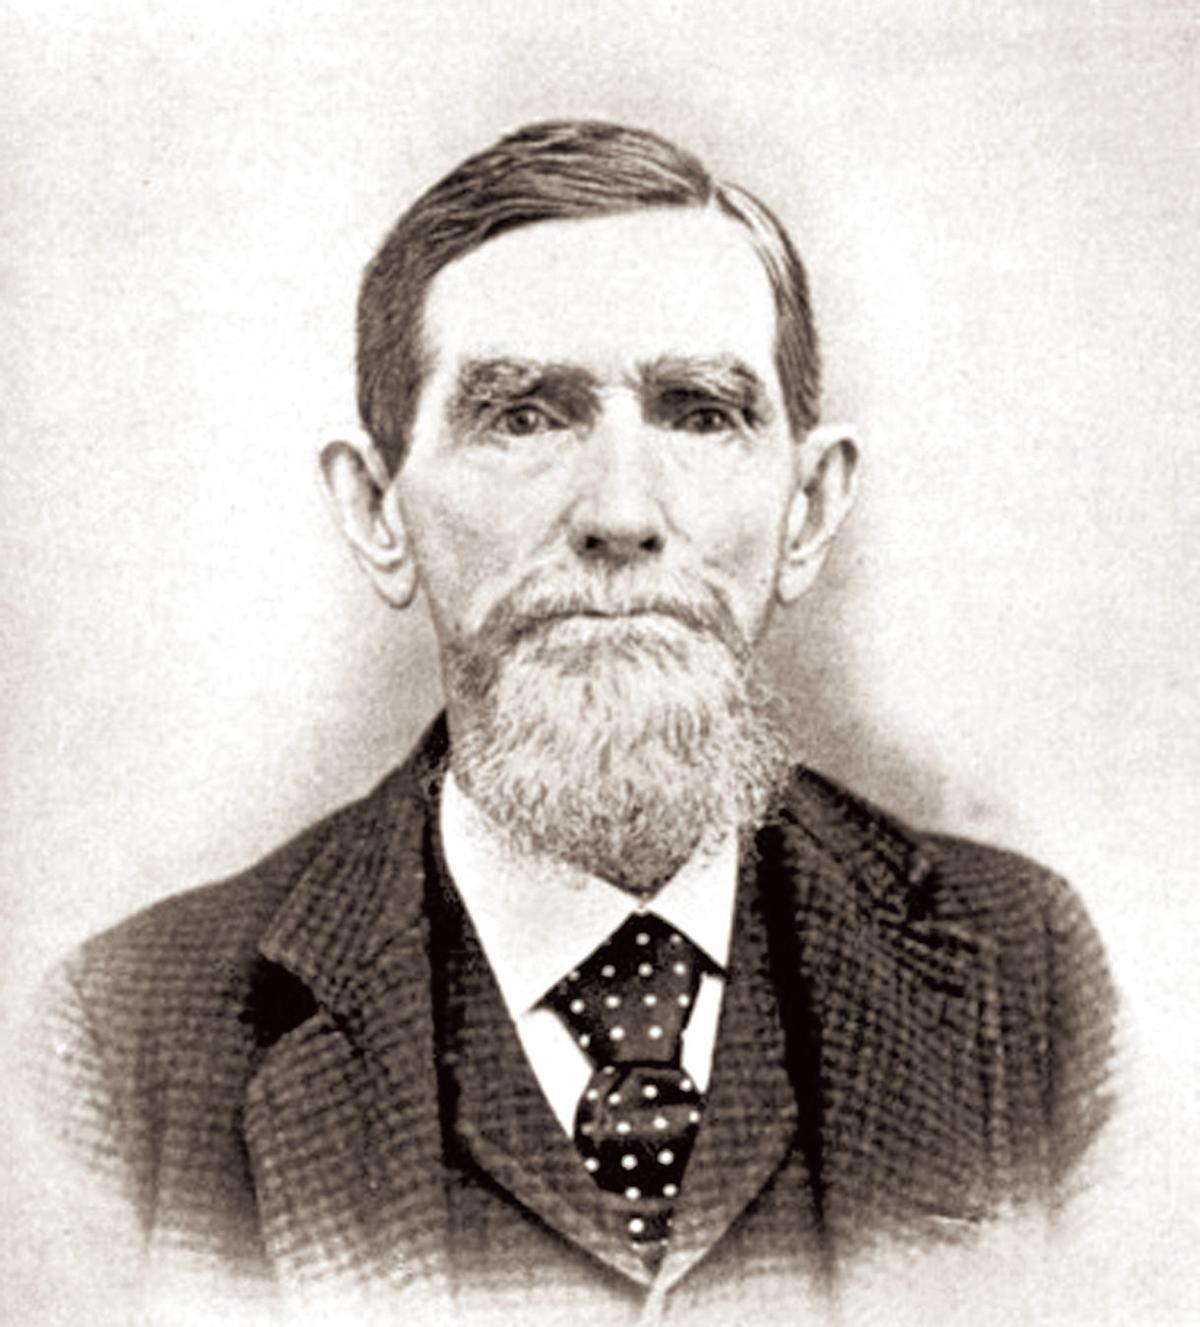 Capt. Joseph A. Tivy